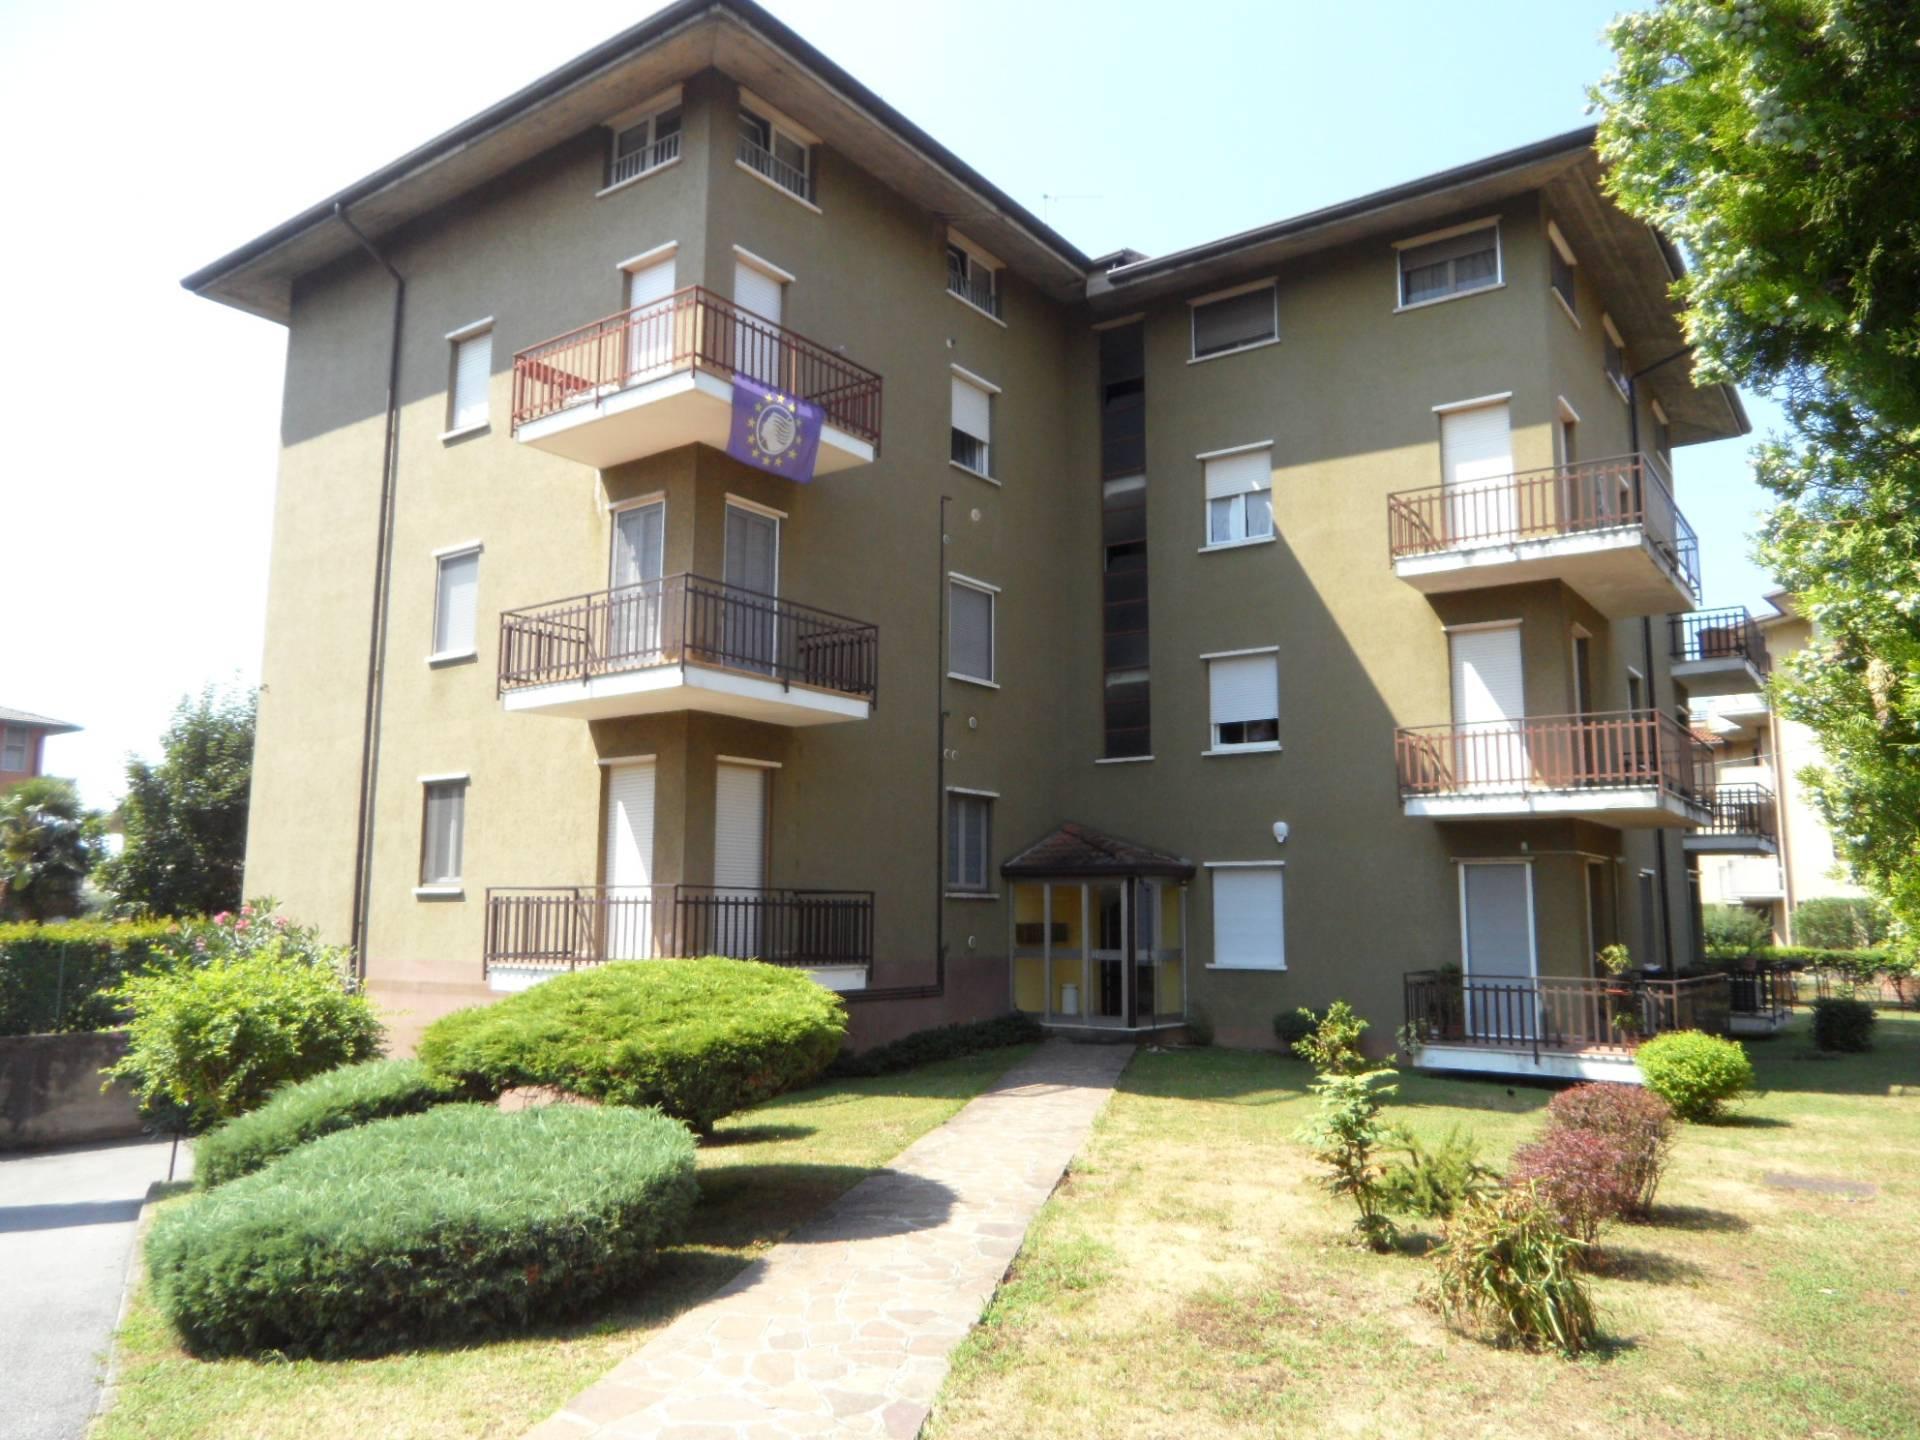 Appartamento in vendita a Grassobbio, 3 locali, prezzo € 95.000 | PortaleAgenzieImmobiliari.it